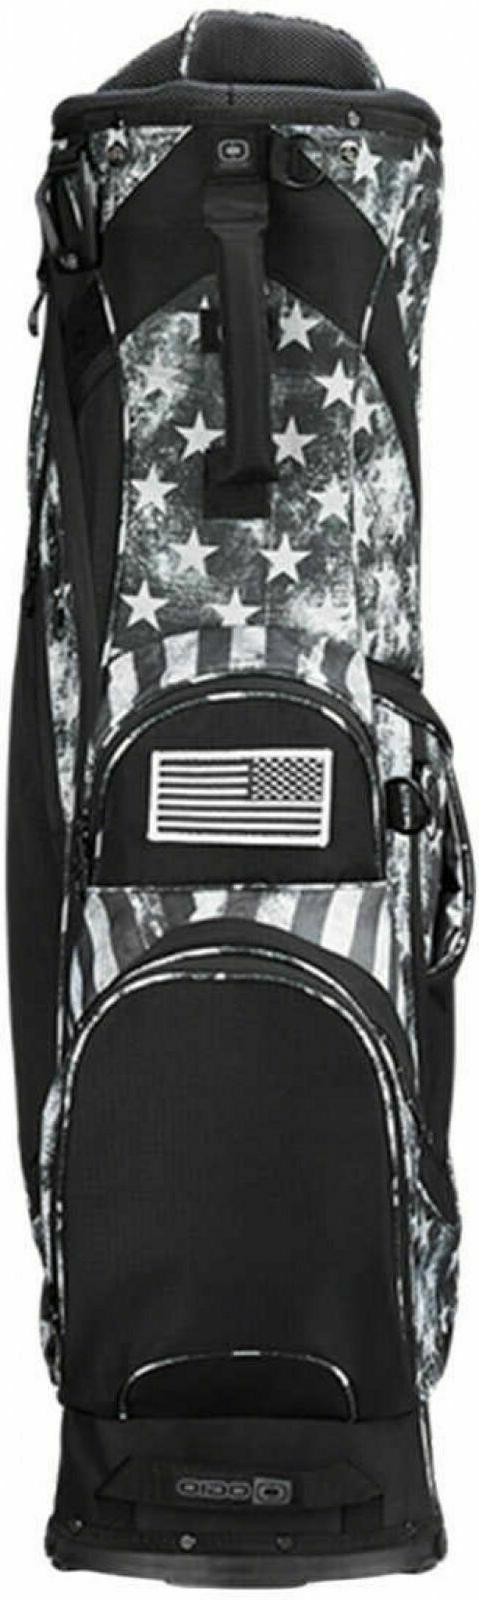 OGIO International Ops Stand Bag, Black